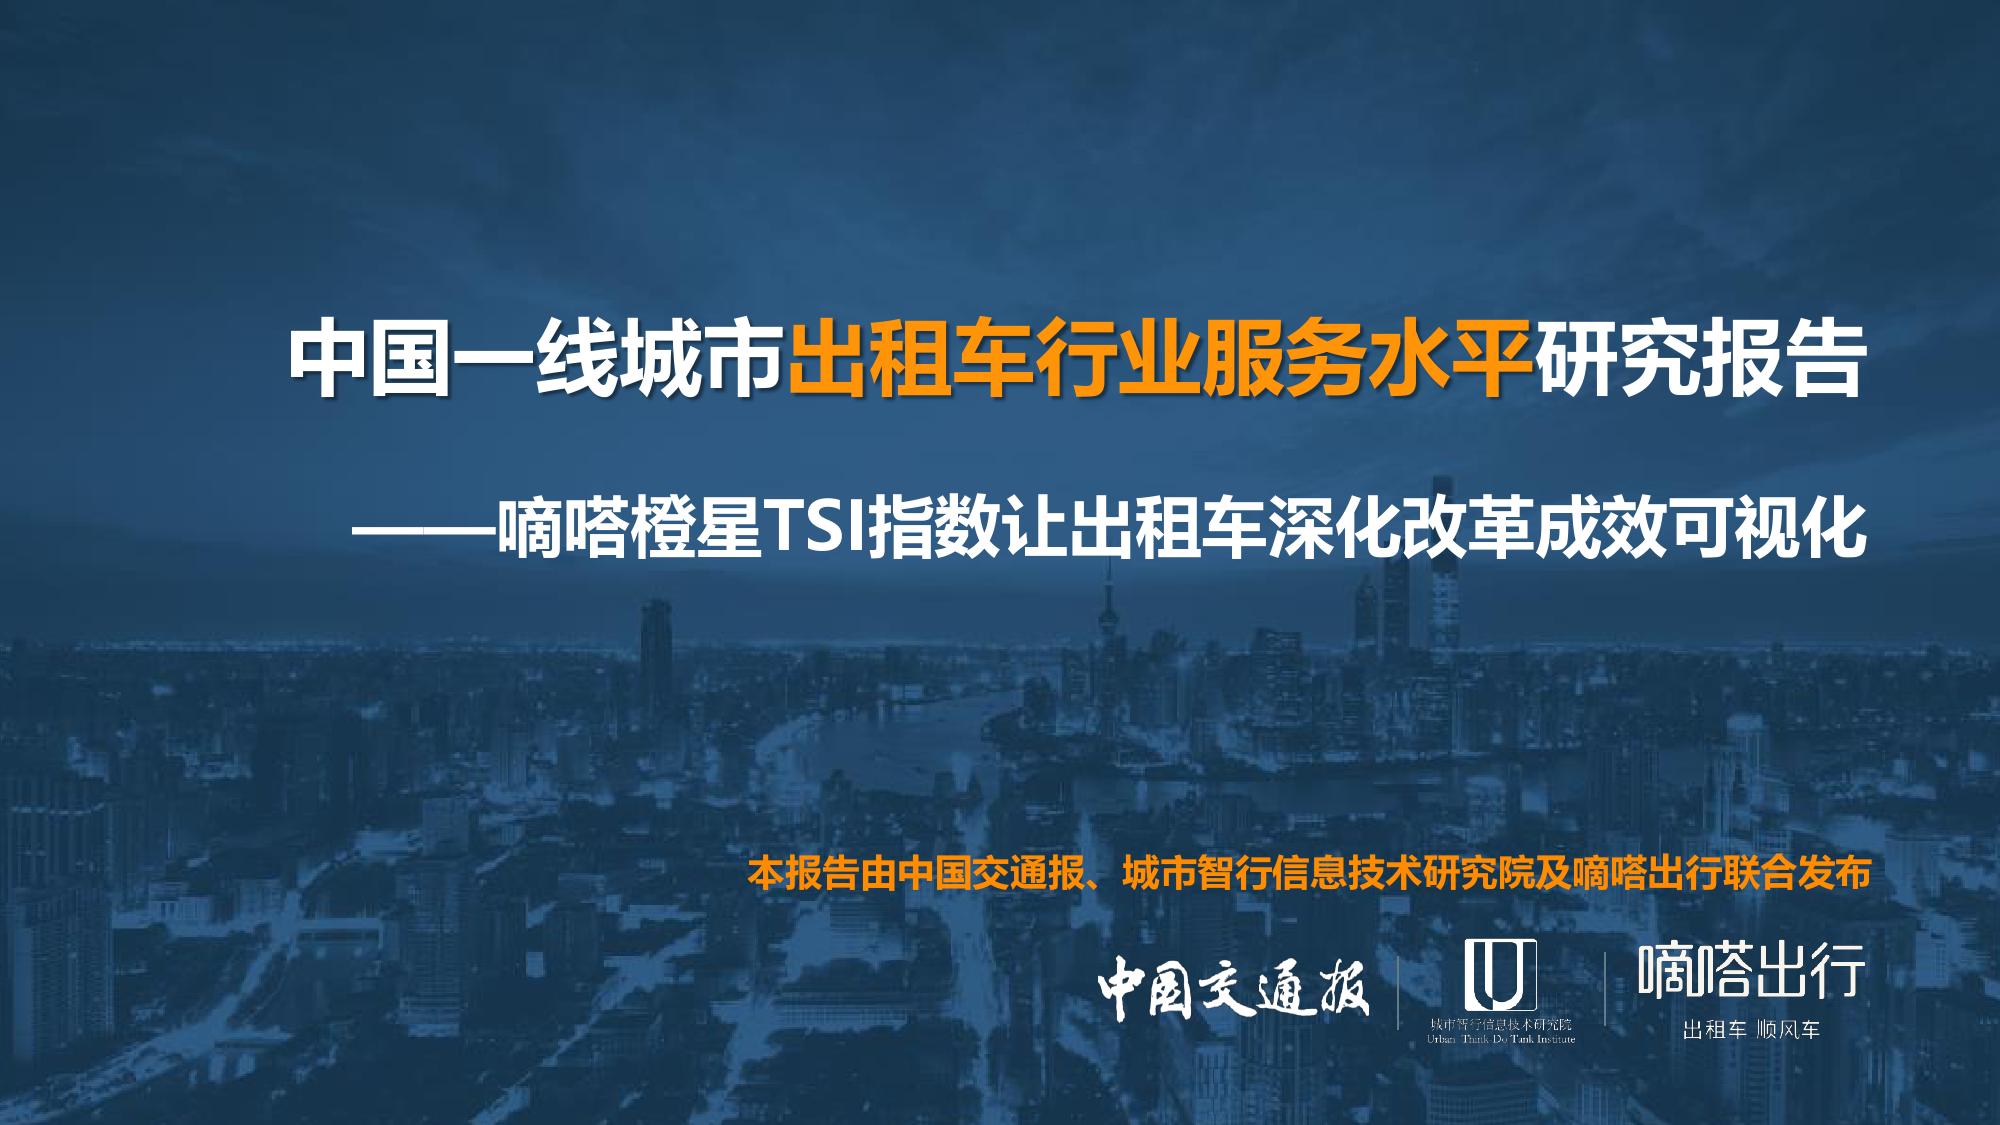 中国交通报社:中国一线城市出租车行业服务水平研究报告(附下载)